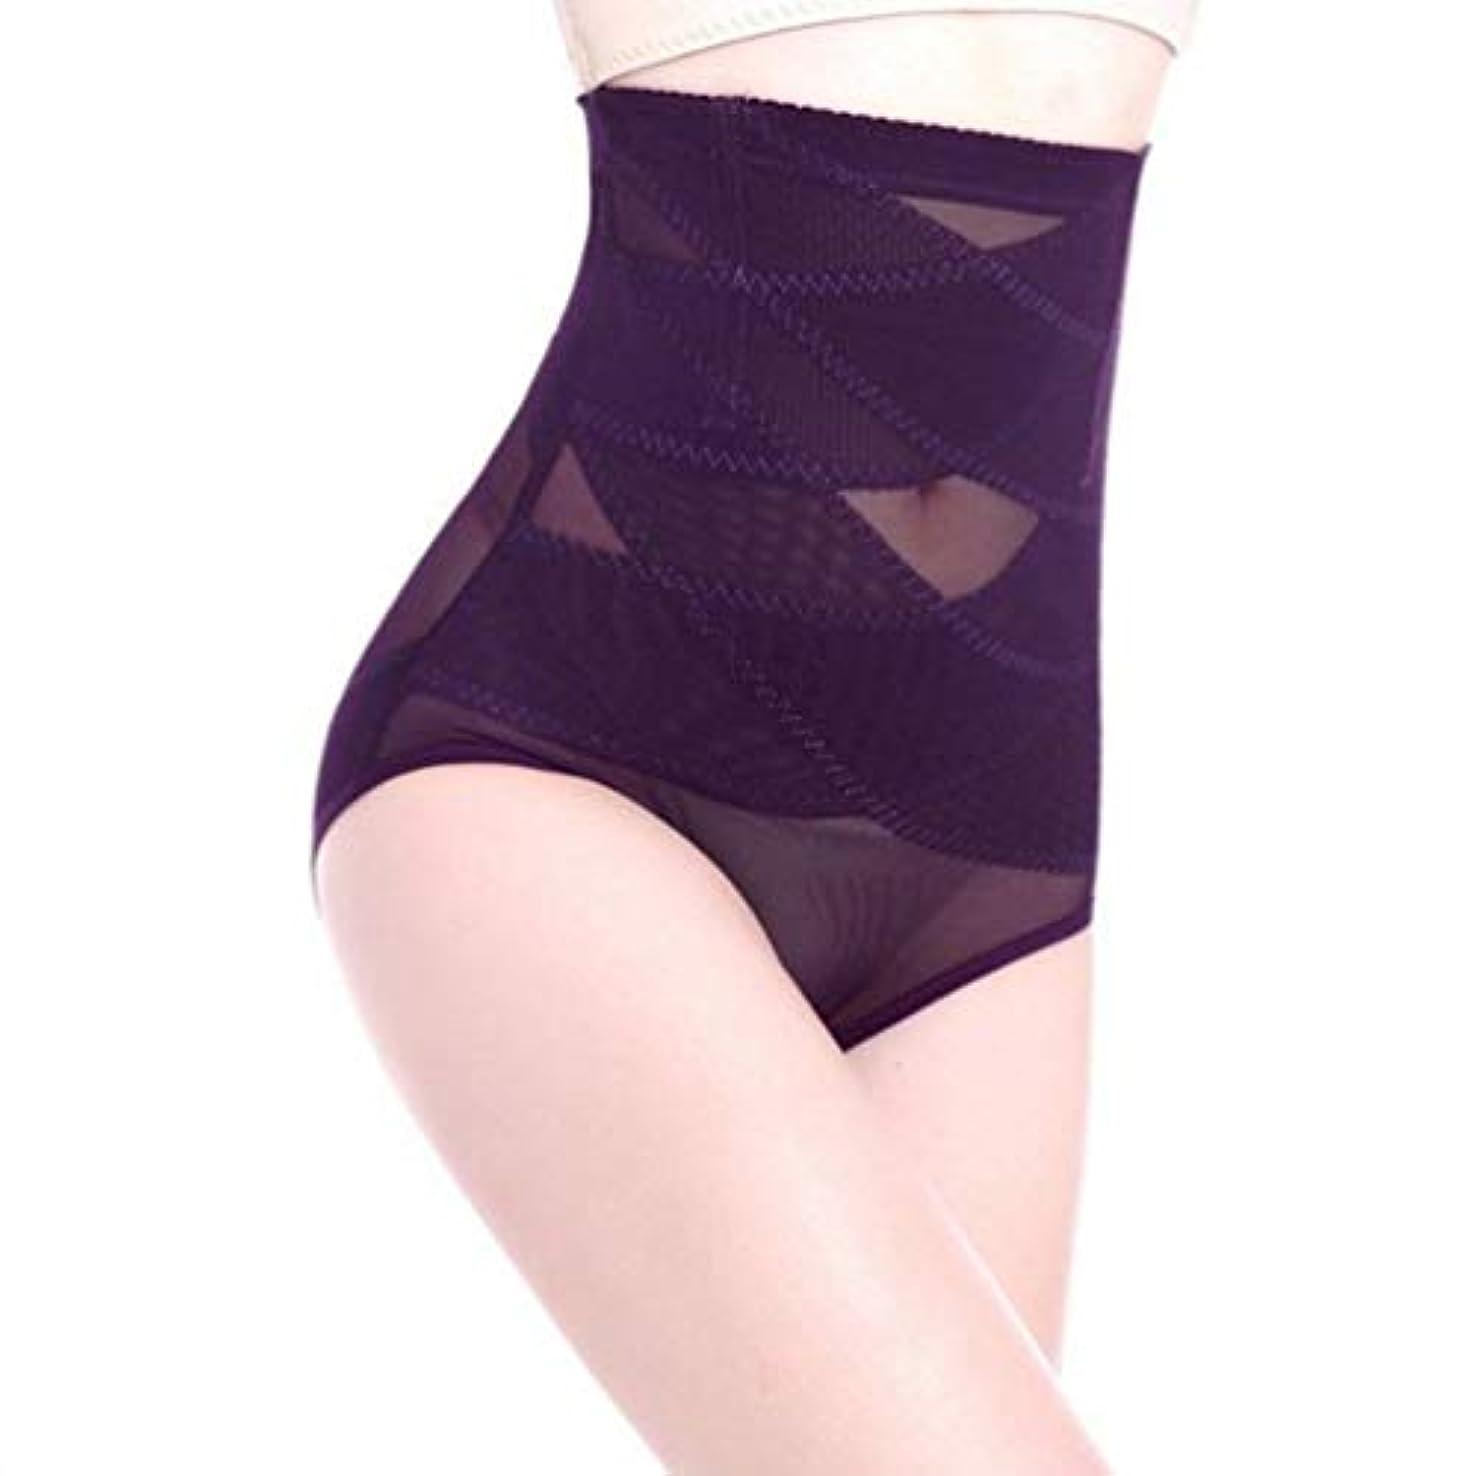 もろいトロピカルトロピカル通気性のあるハイウエスト女性痩身腹部コントロール下着シームレスおなかコントロールパンティーバットリフターボディシェイパー - パープル3 XL